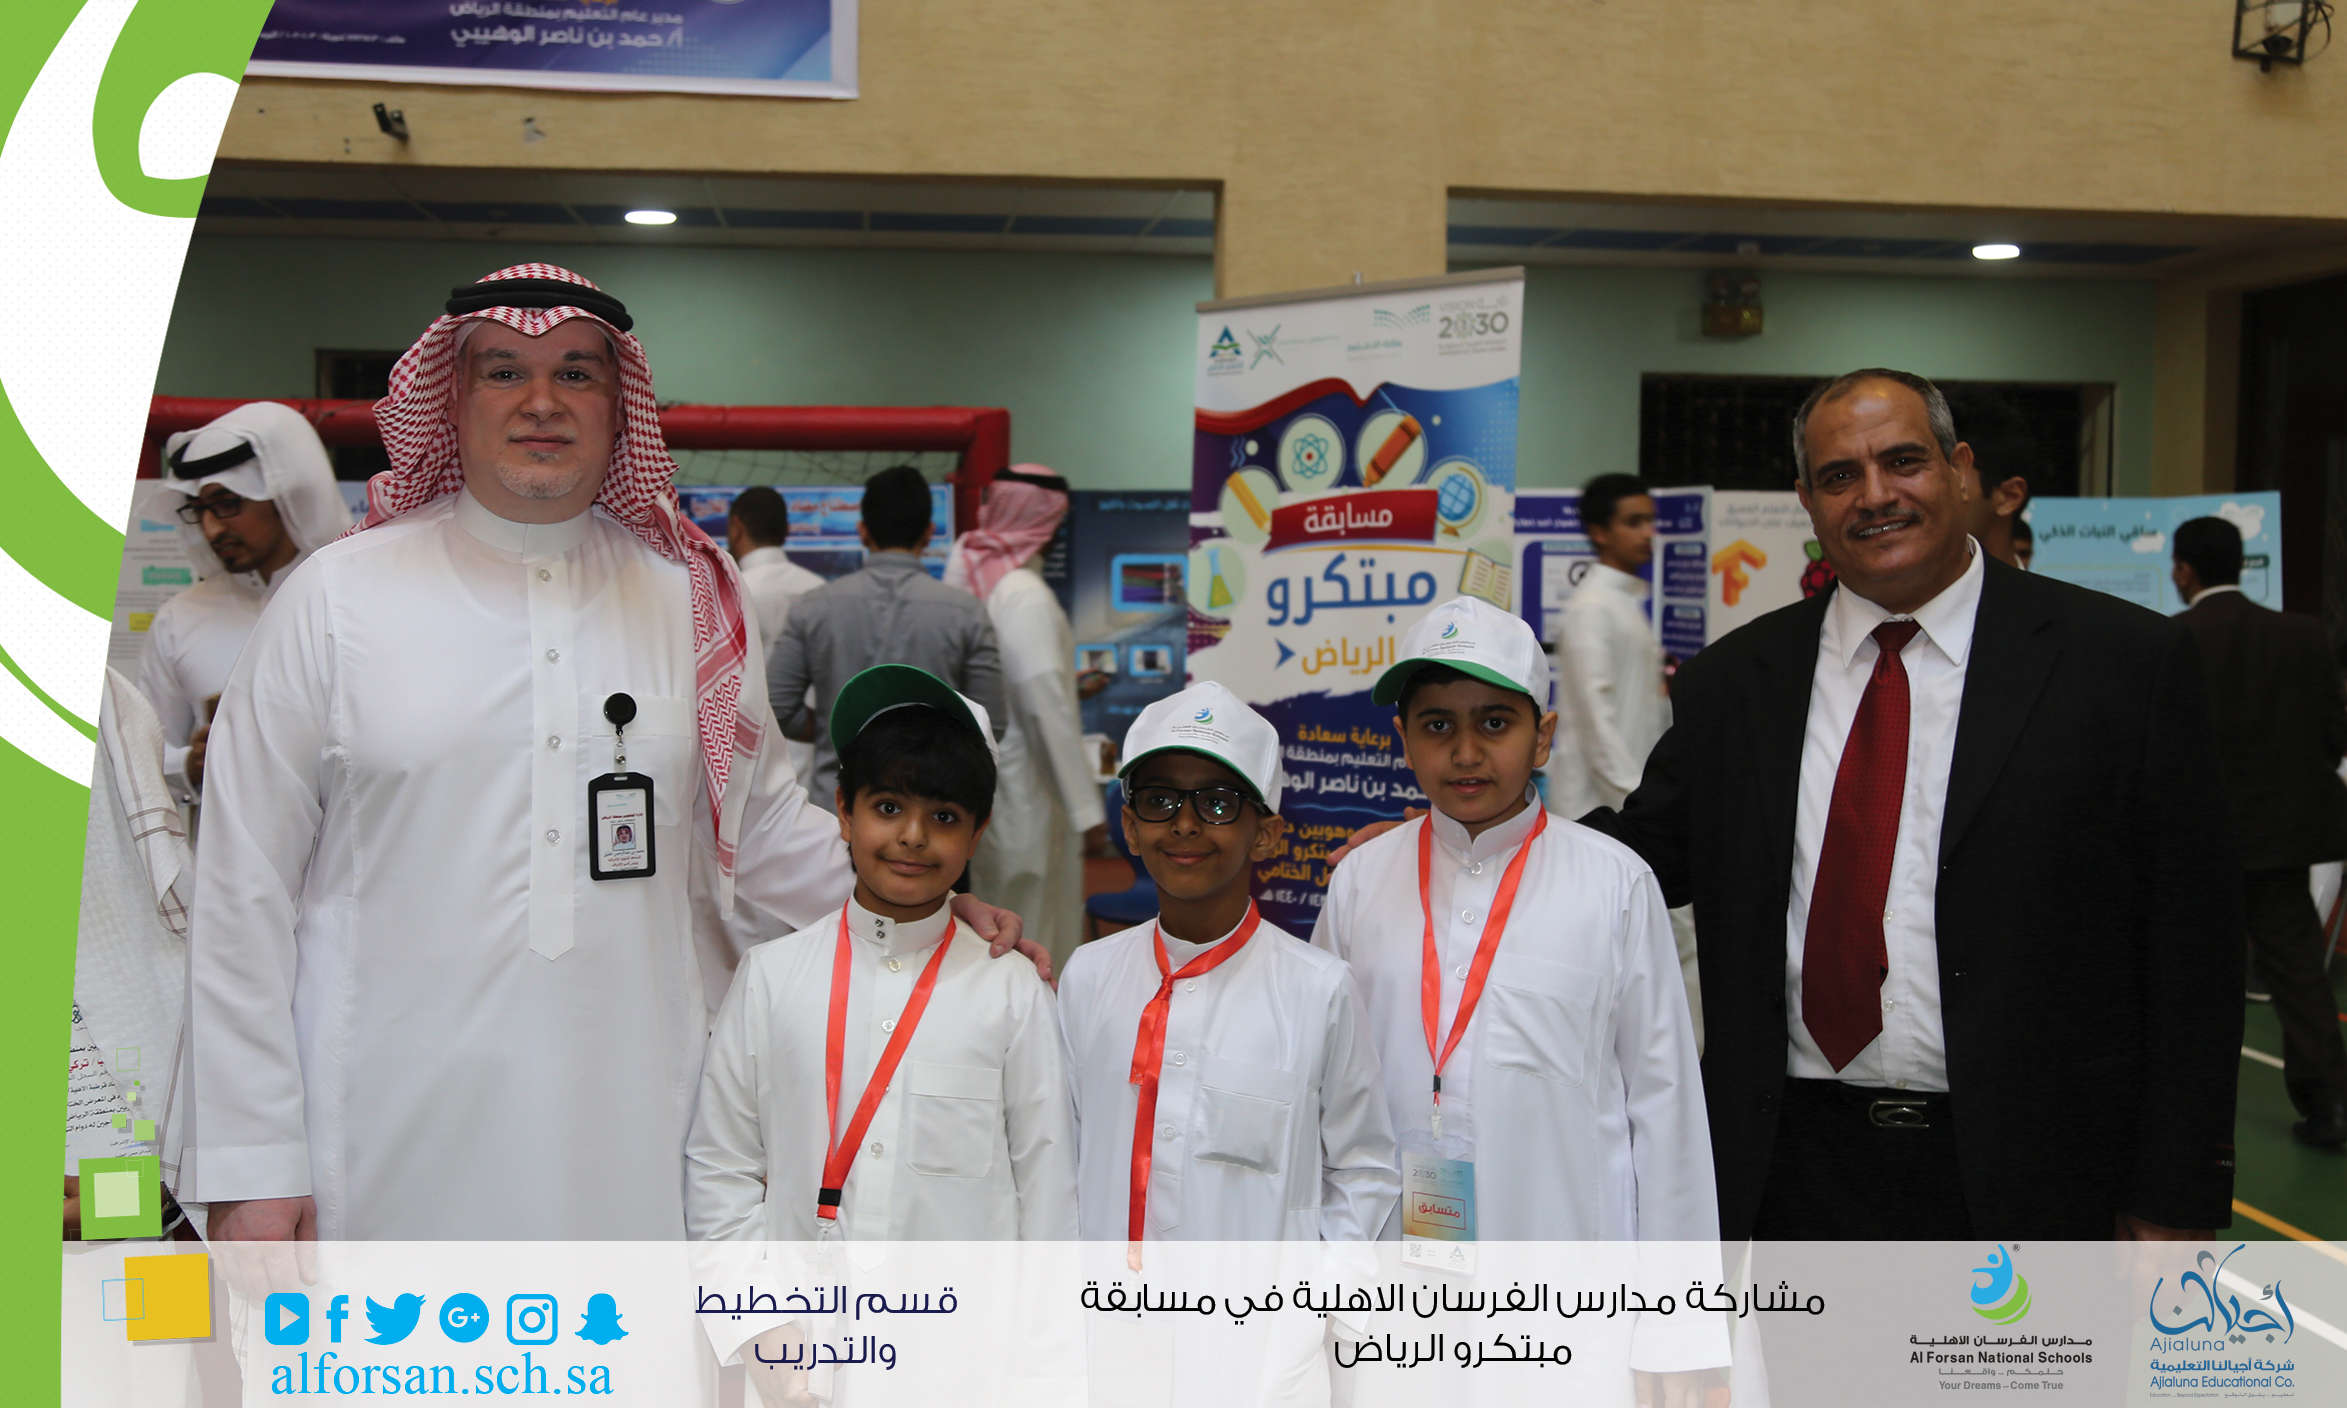 مشاركة مدارس الفرسان الأهلية في معرض مبتكرو الرياض 2019